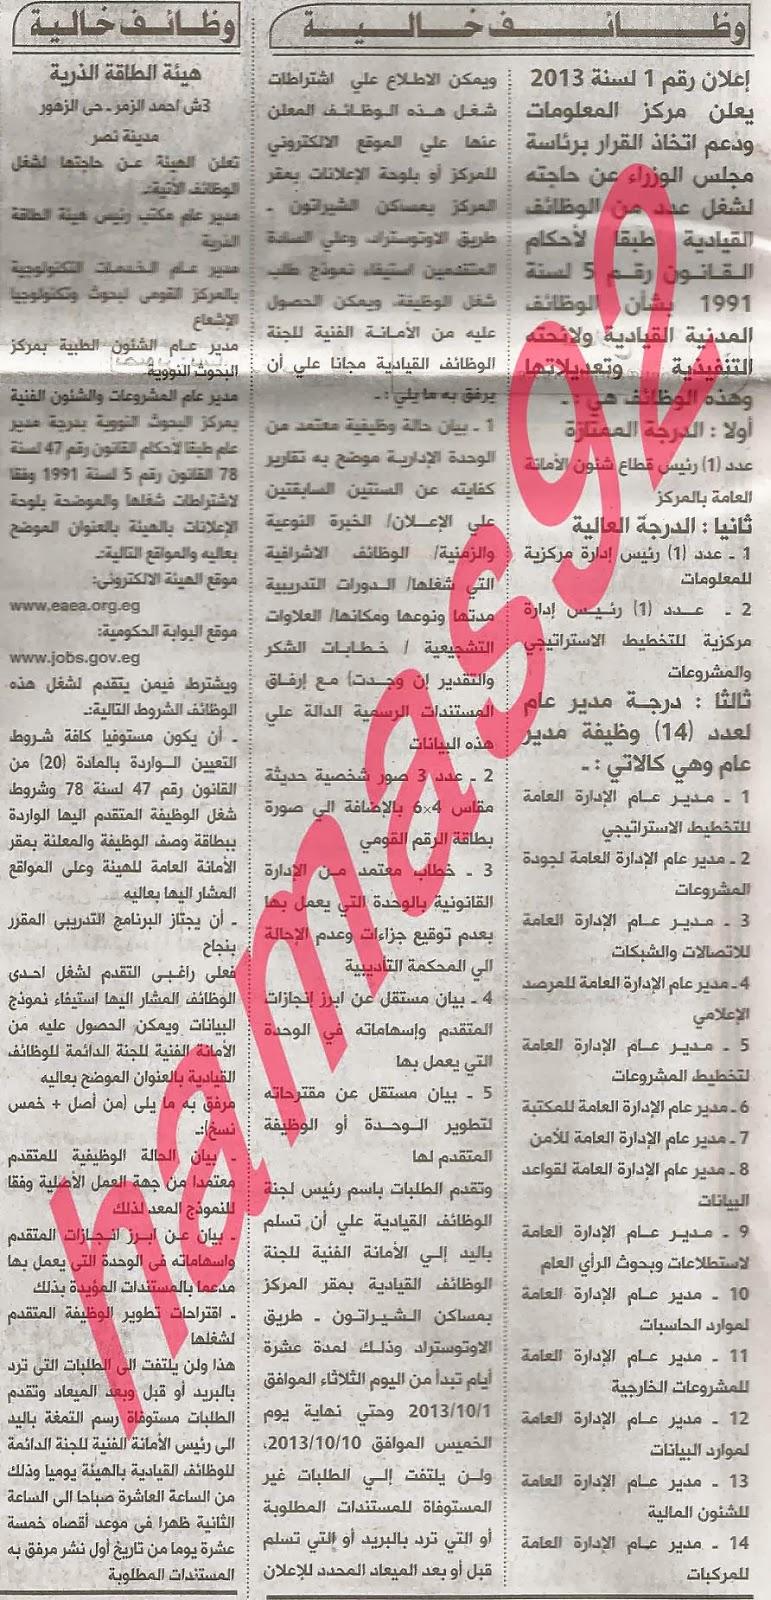 وظائف خالية مصر 2 اكتوبر 2013, وظائف جريدة الاهرام المصرية 2/10/2013